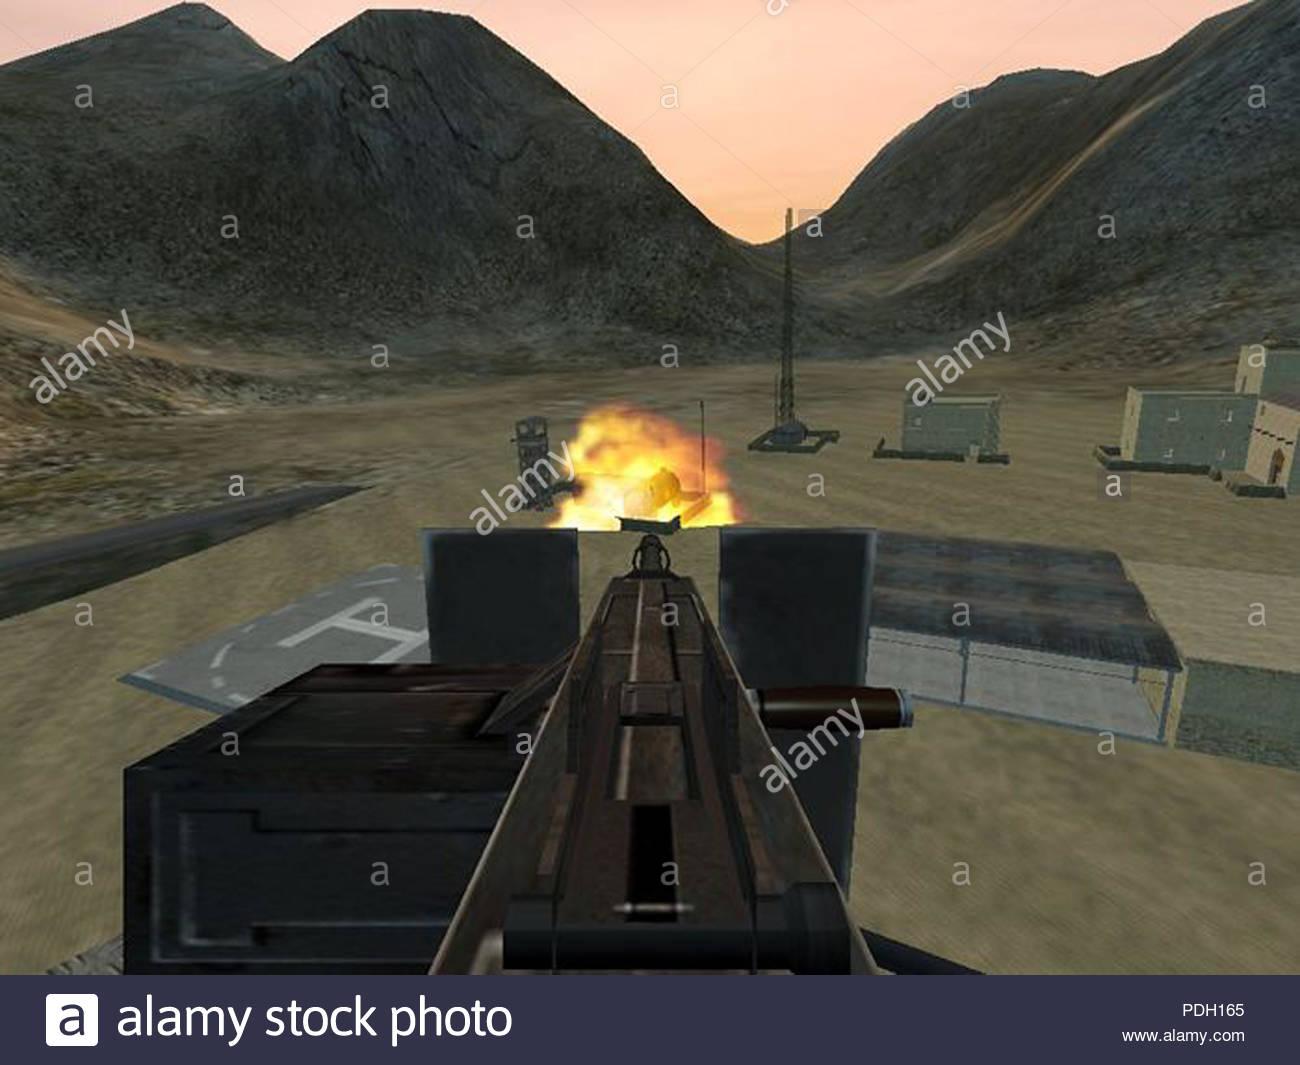 vintage game screenshot - Stock Image